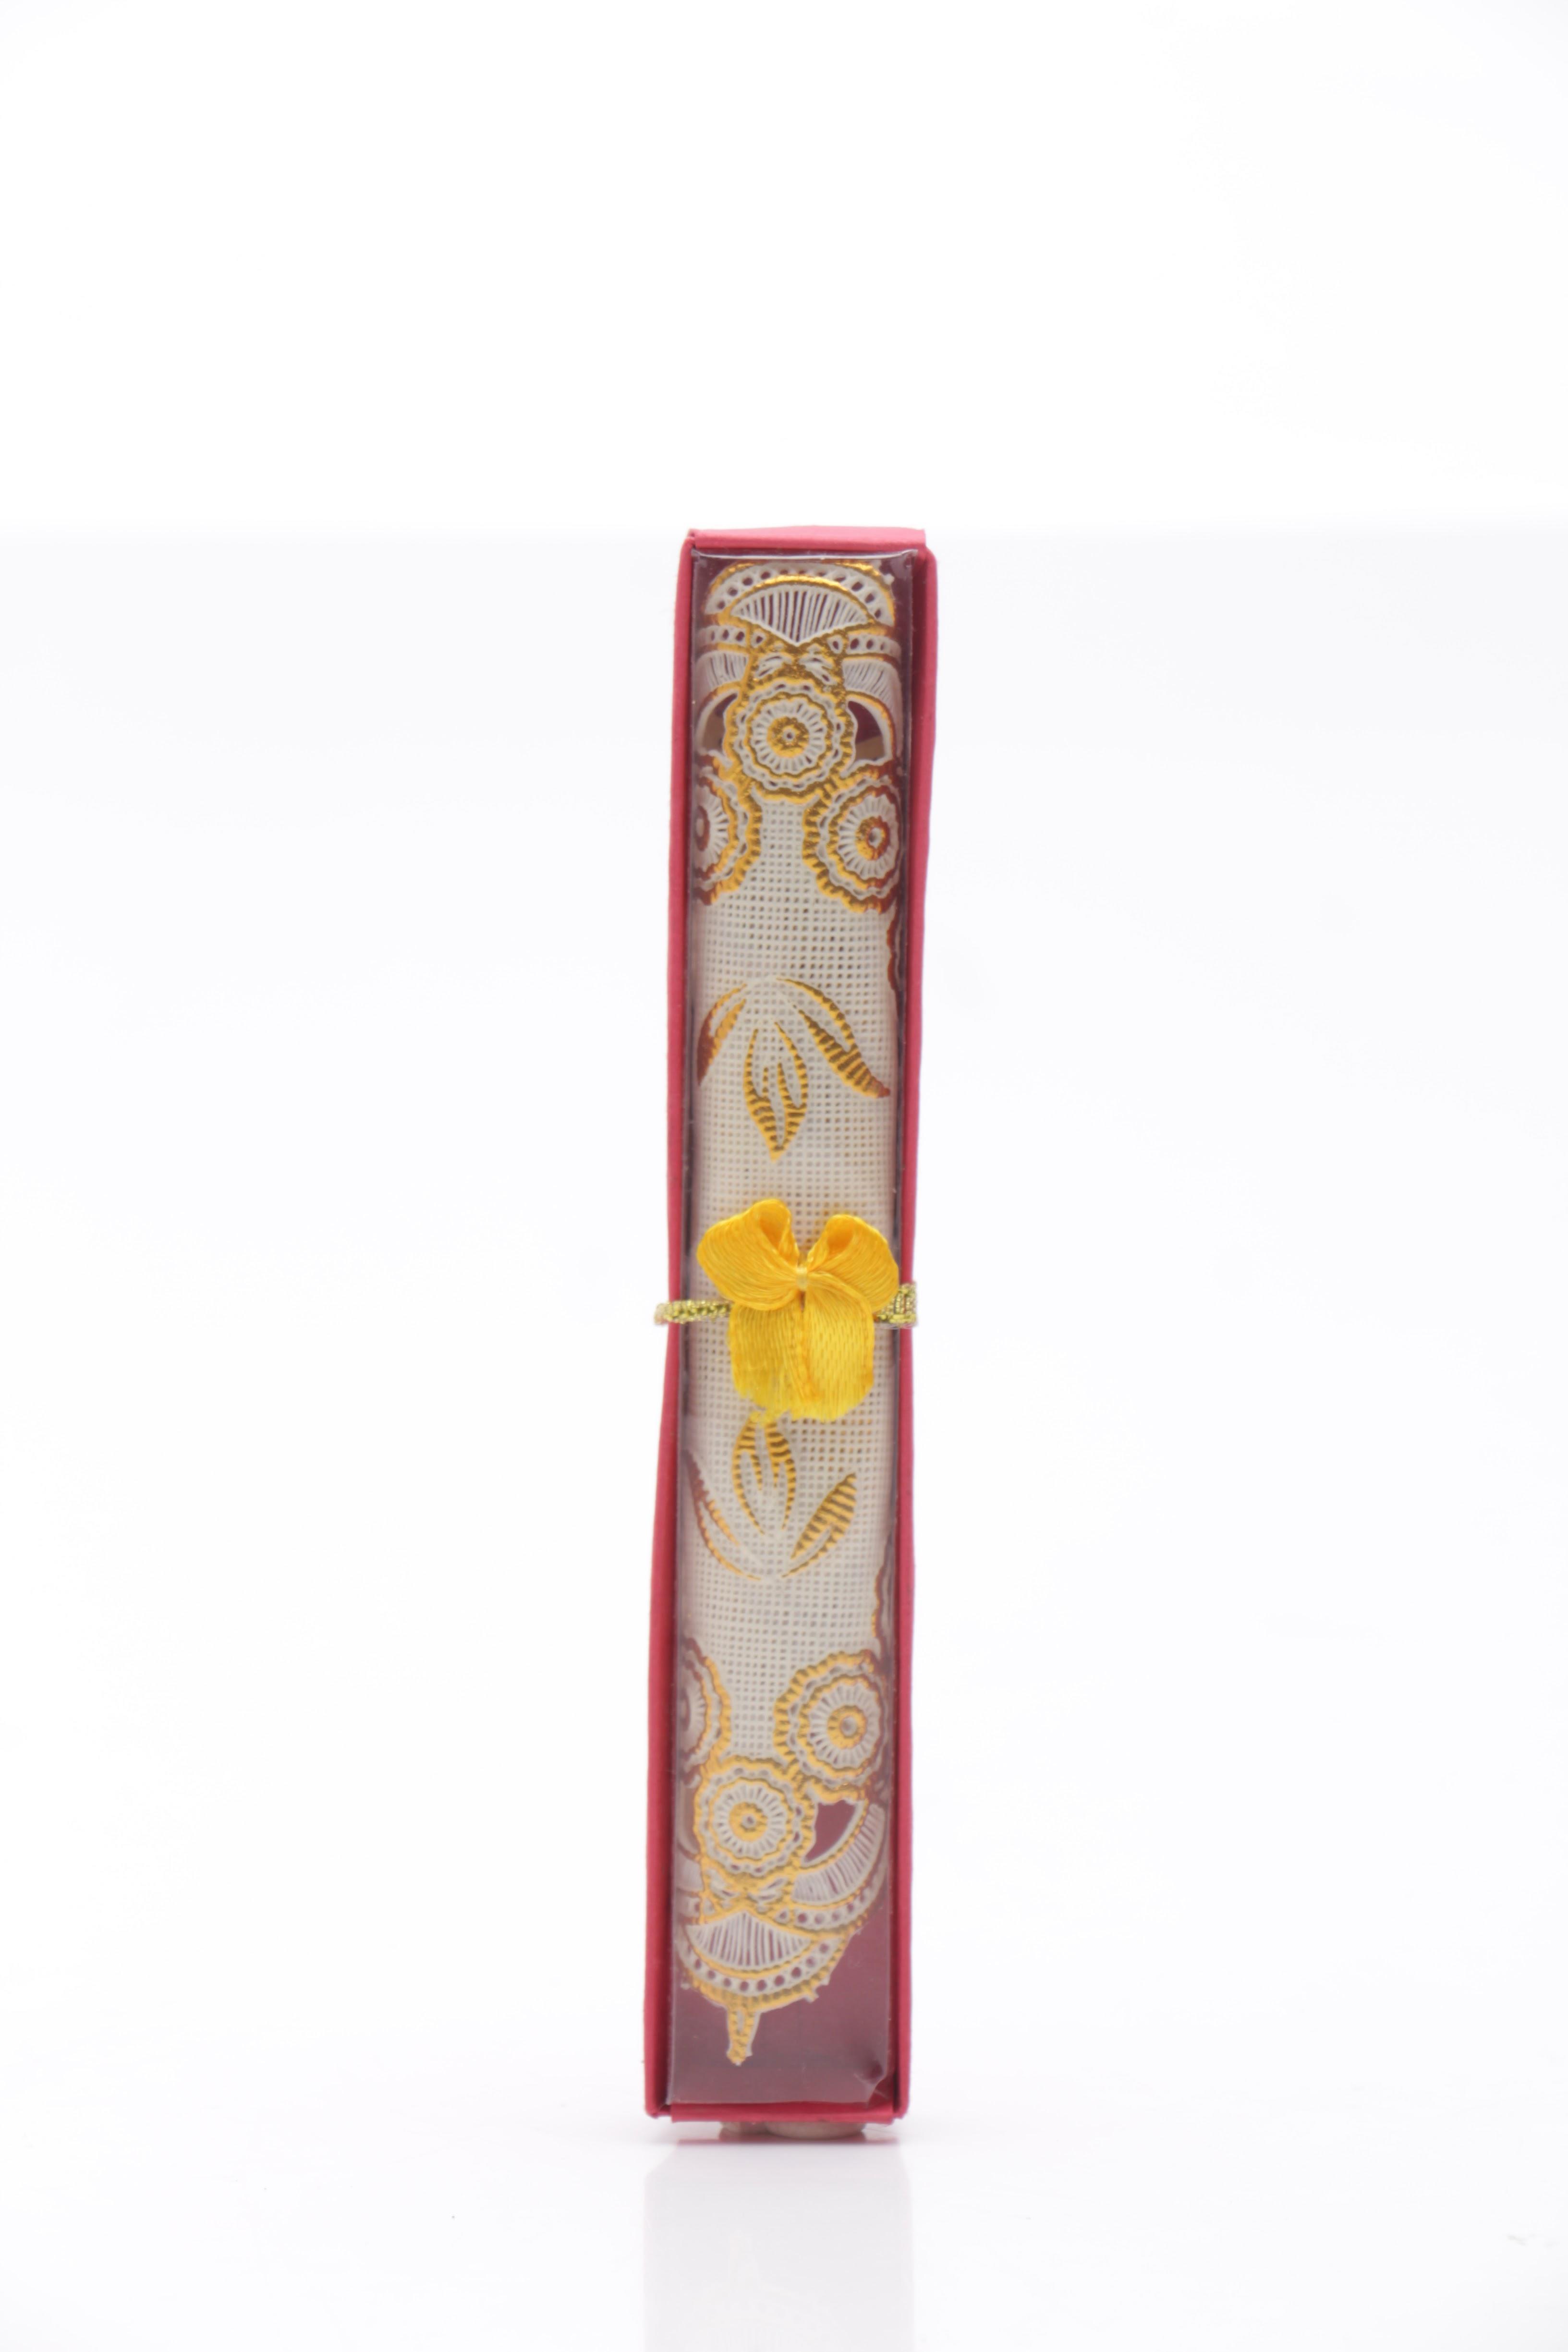 Griyaazza - Souvenir Pernikahan Tatakan Gelas Box Isi 100 - Multi Warna